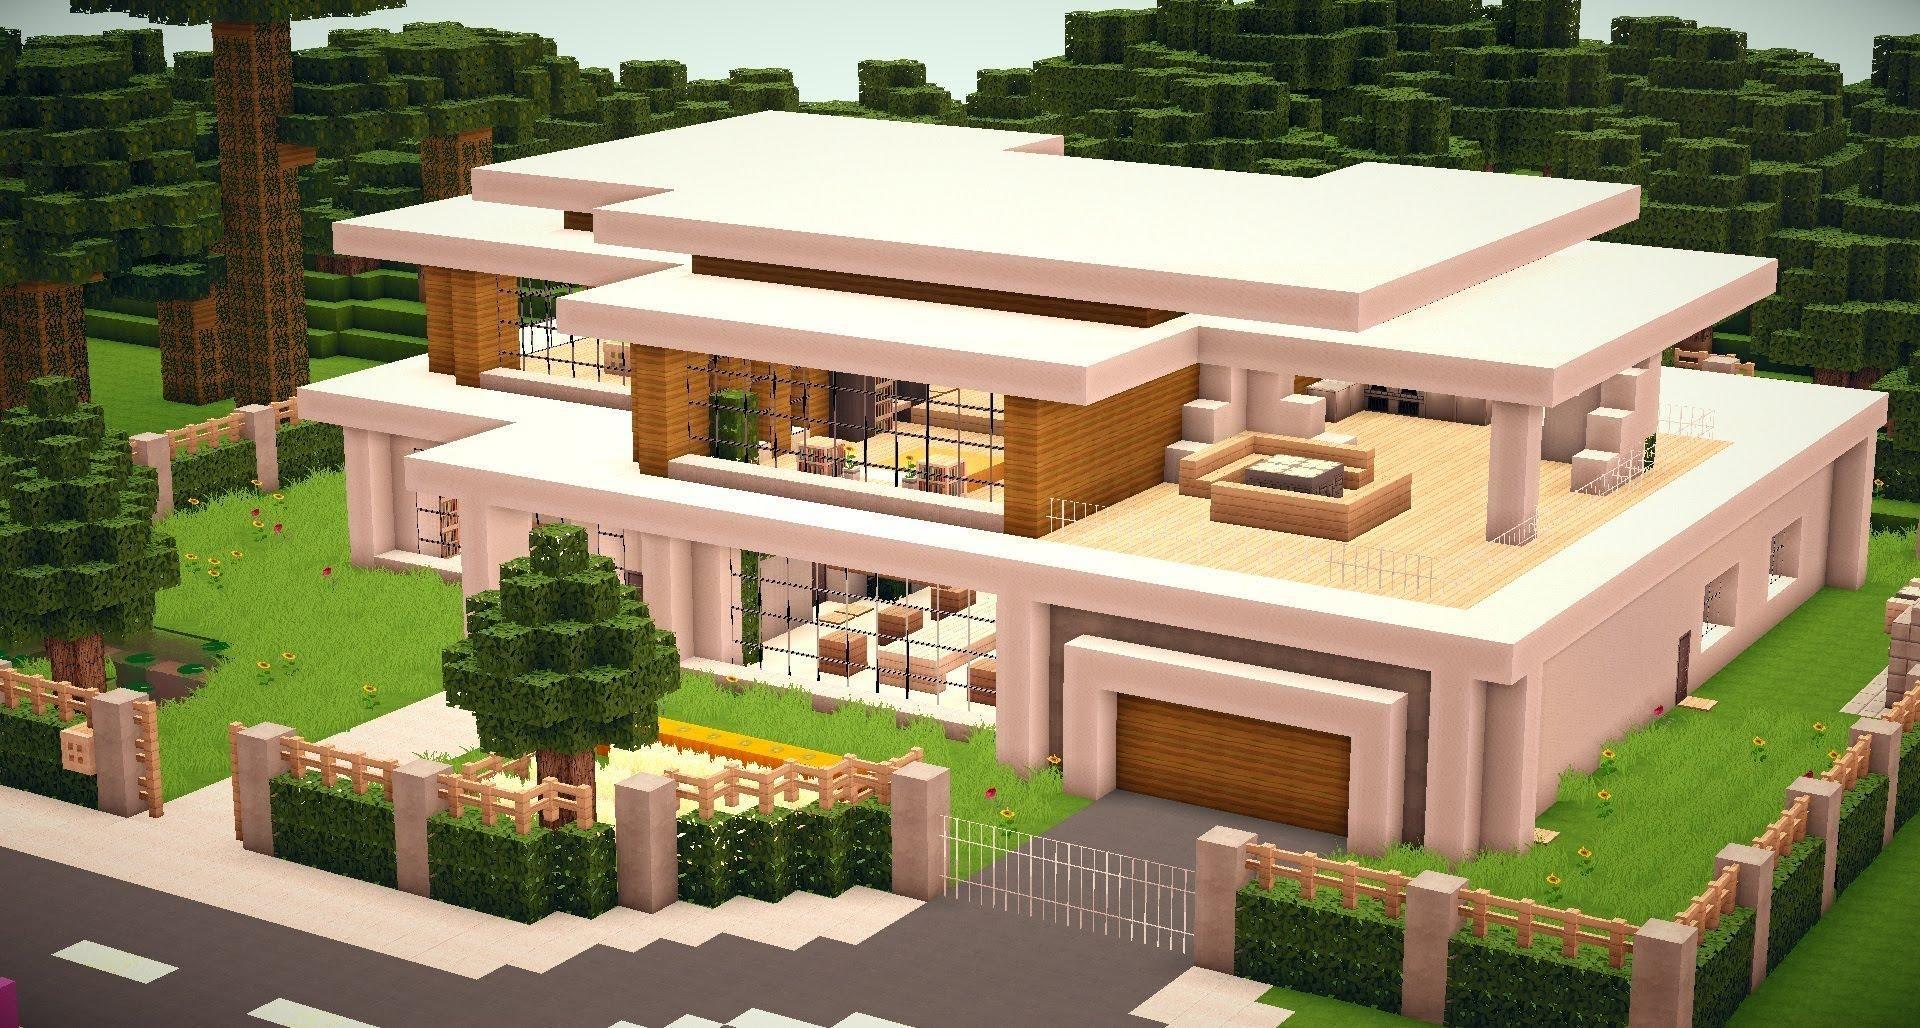 Resultat De Recherche D Images Pour Minecraft Modele Maison Moderne Construction Facile Maison Minecraft Modele Maison Moderne Maison Moderne Minecraft